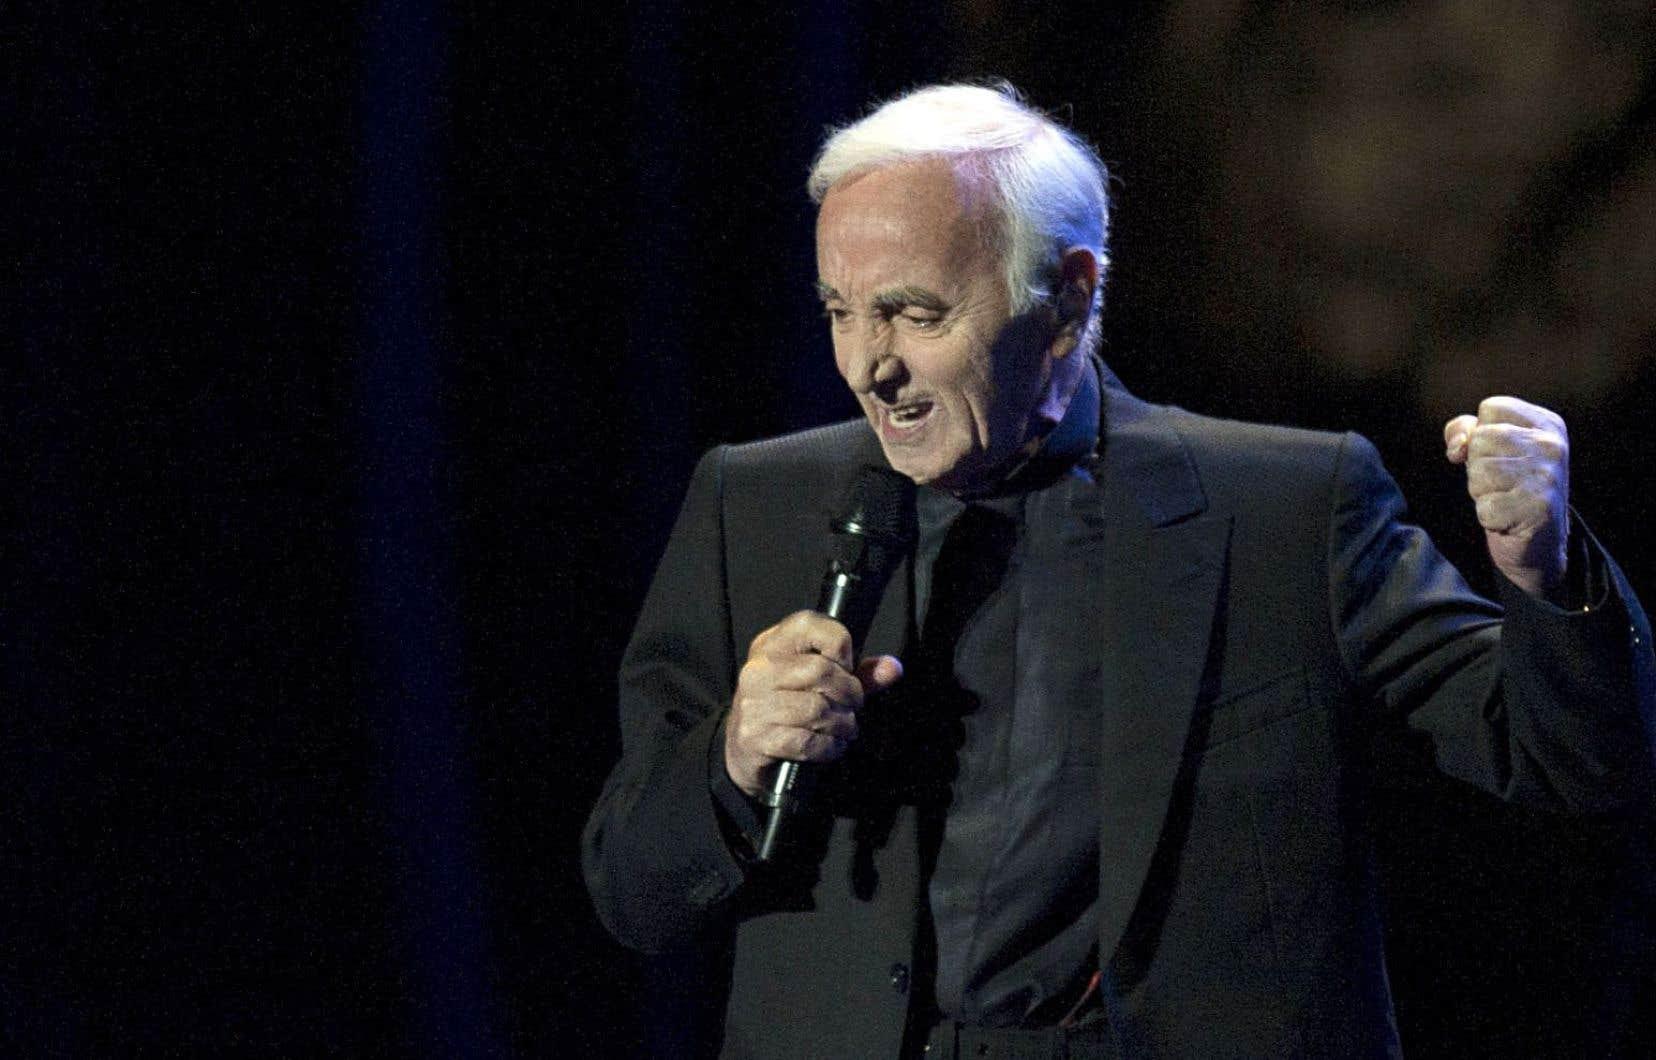 Le vénérable Charles Aznavour